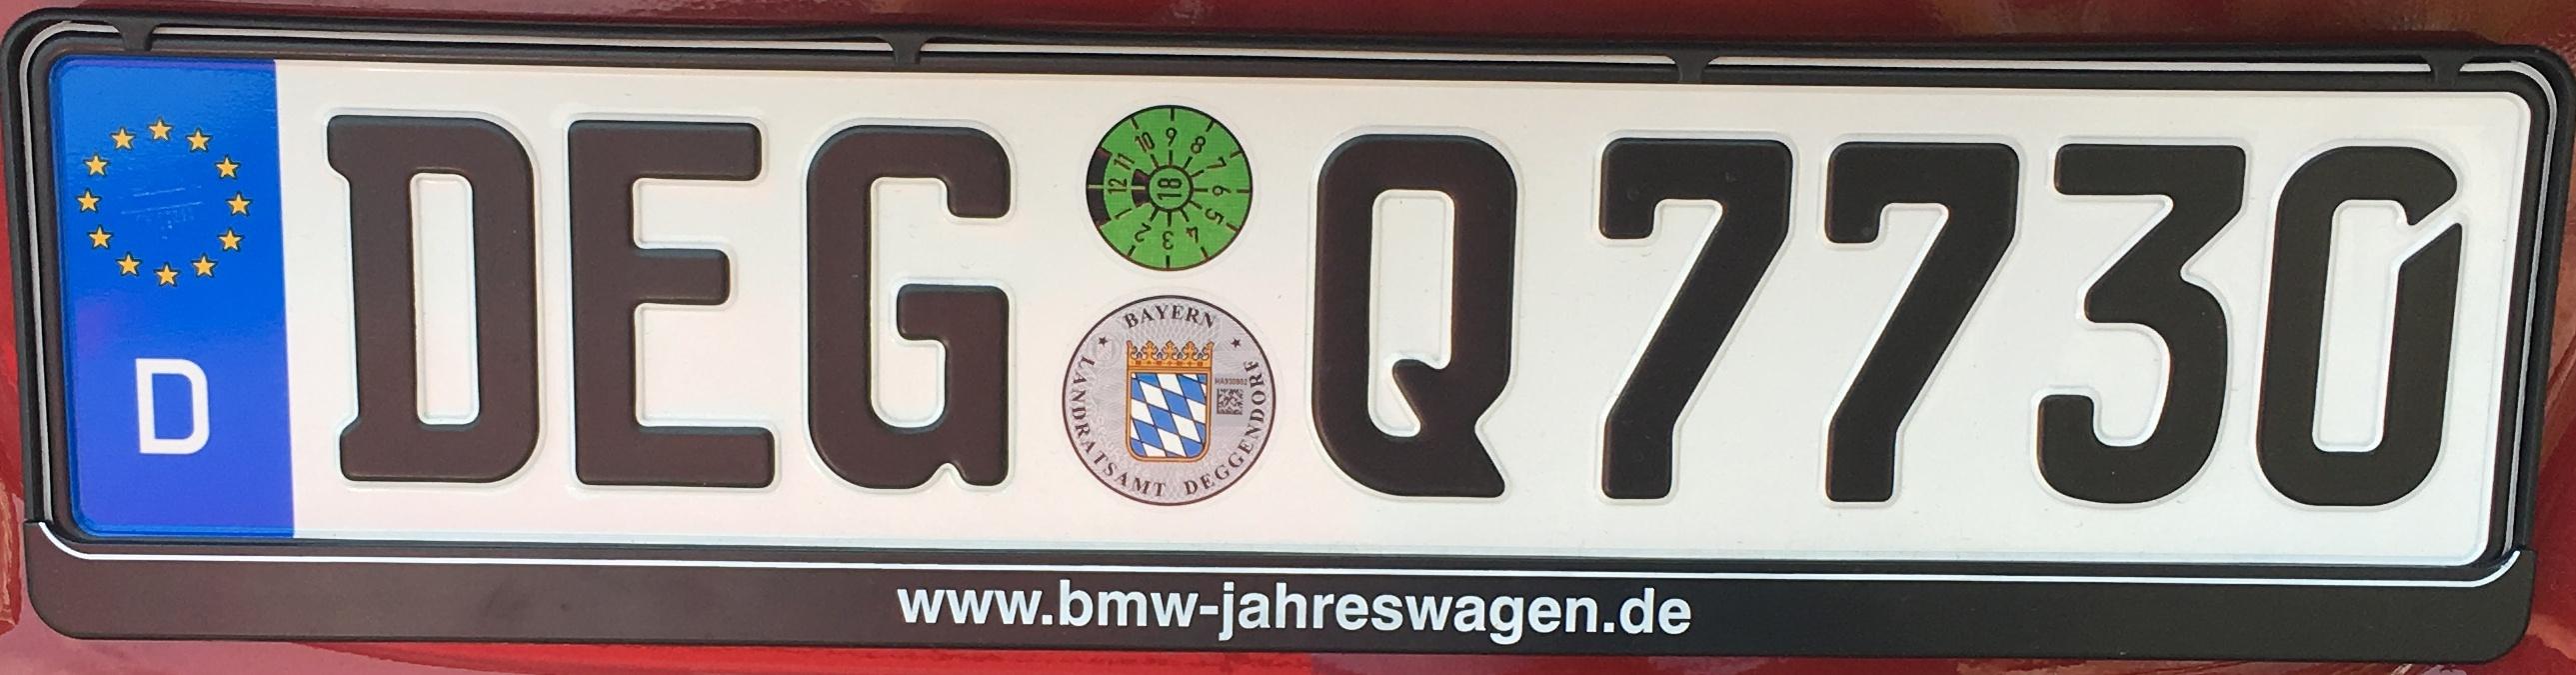 Registrační značky Německo - DEG - Deggendorf, foto: vlastní